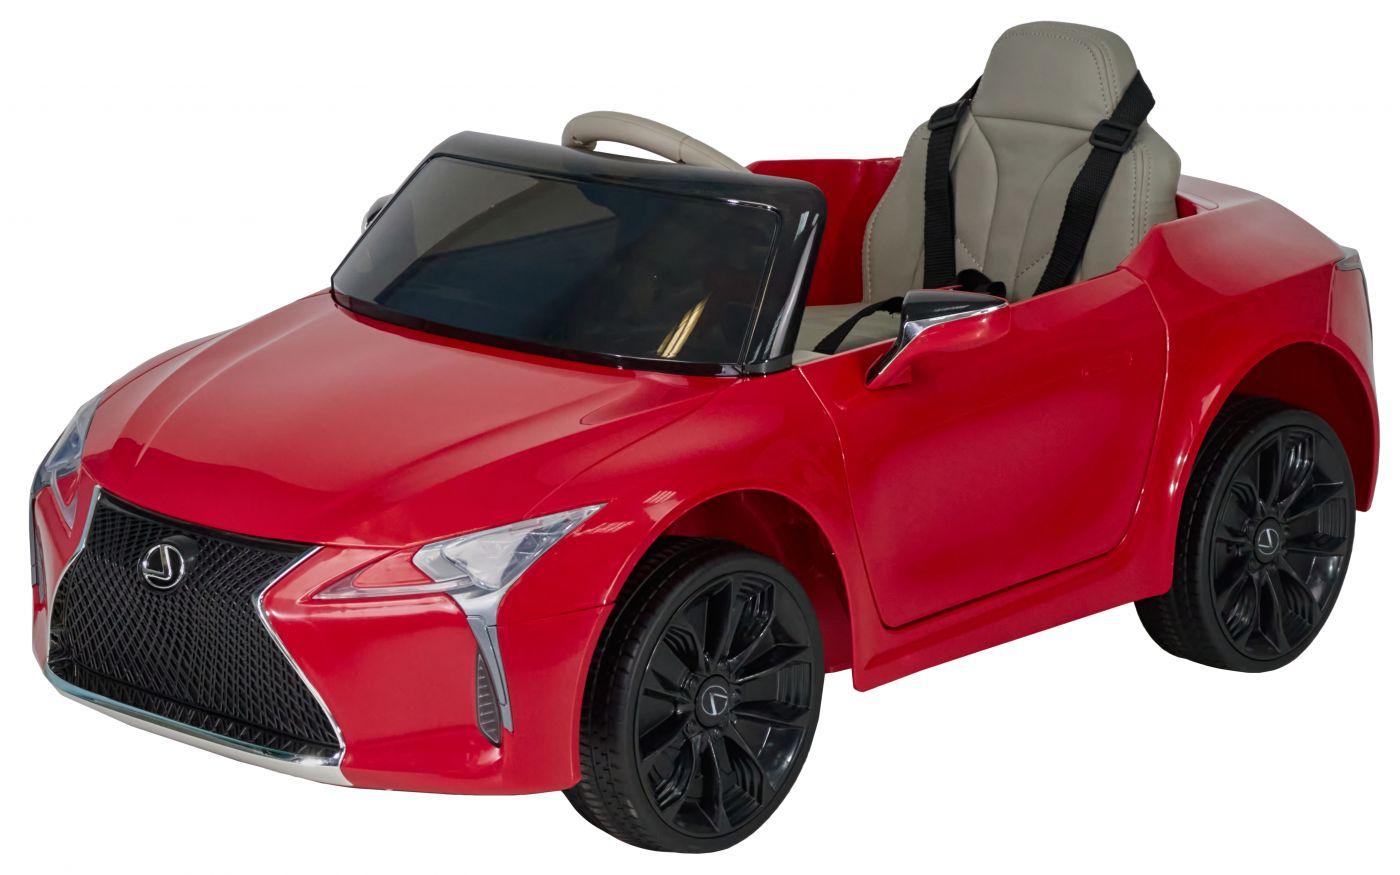 Детский электромобиль (2020) LEXUS S2110, Красный